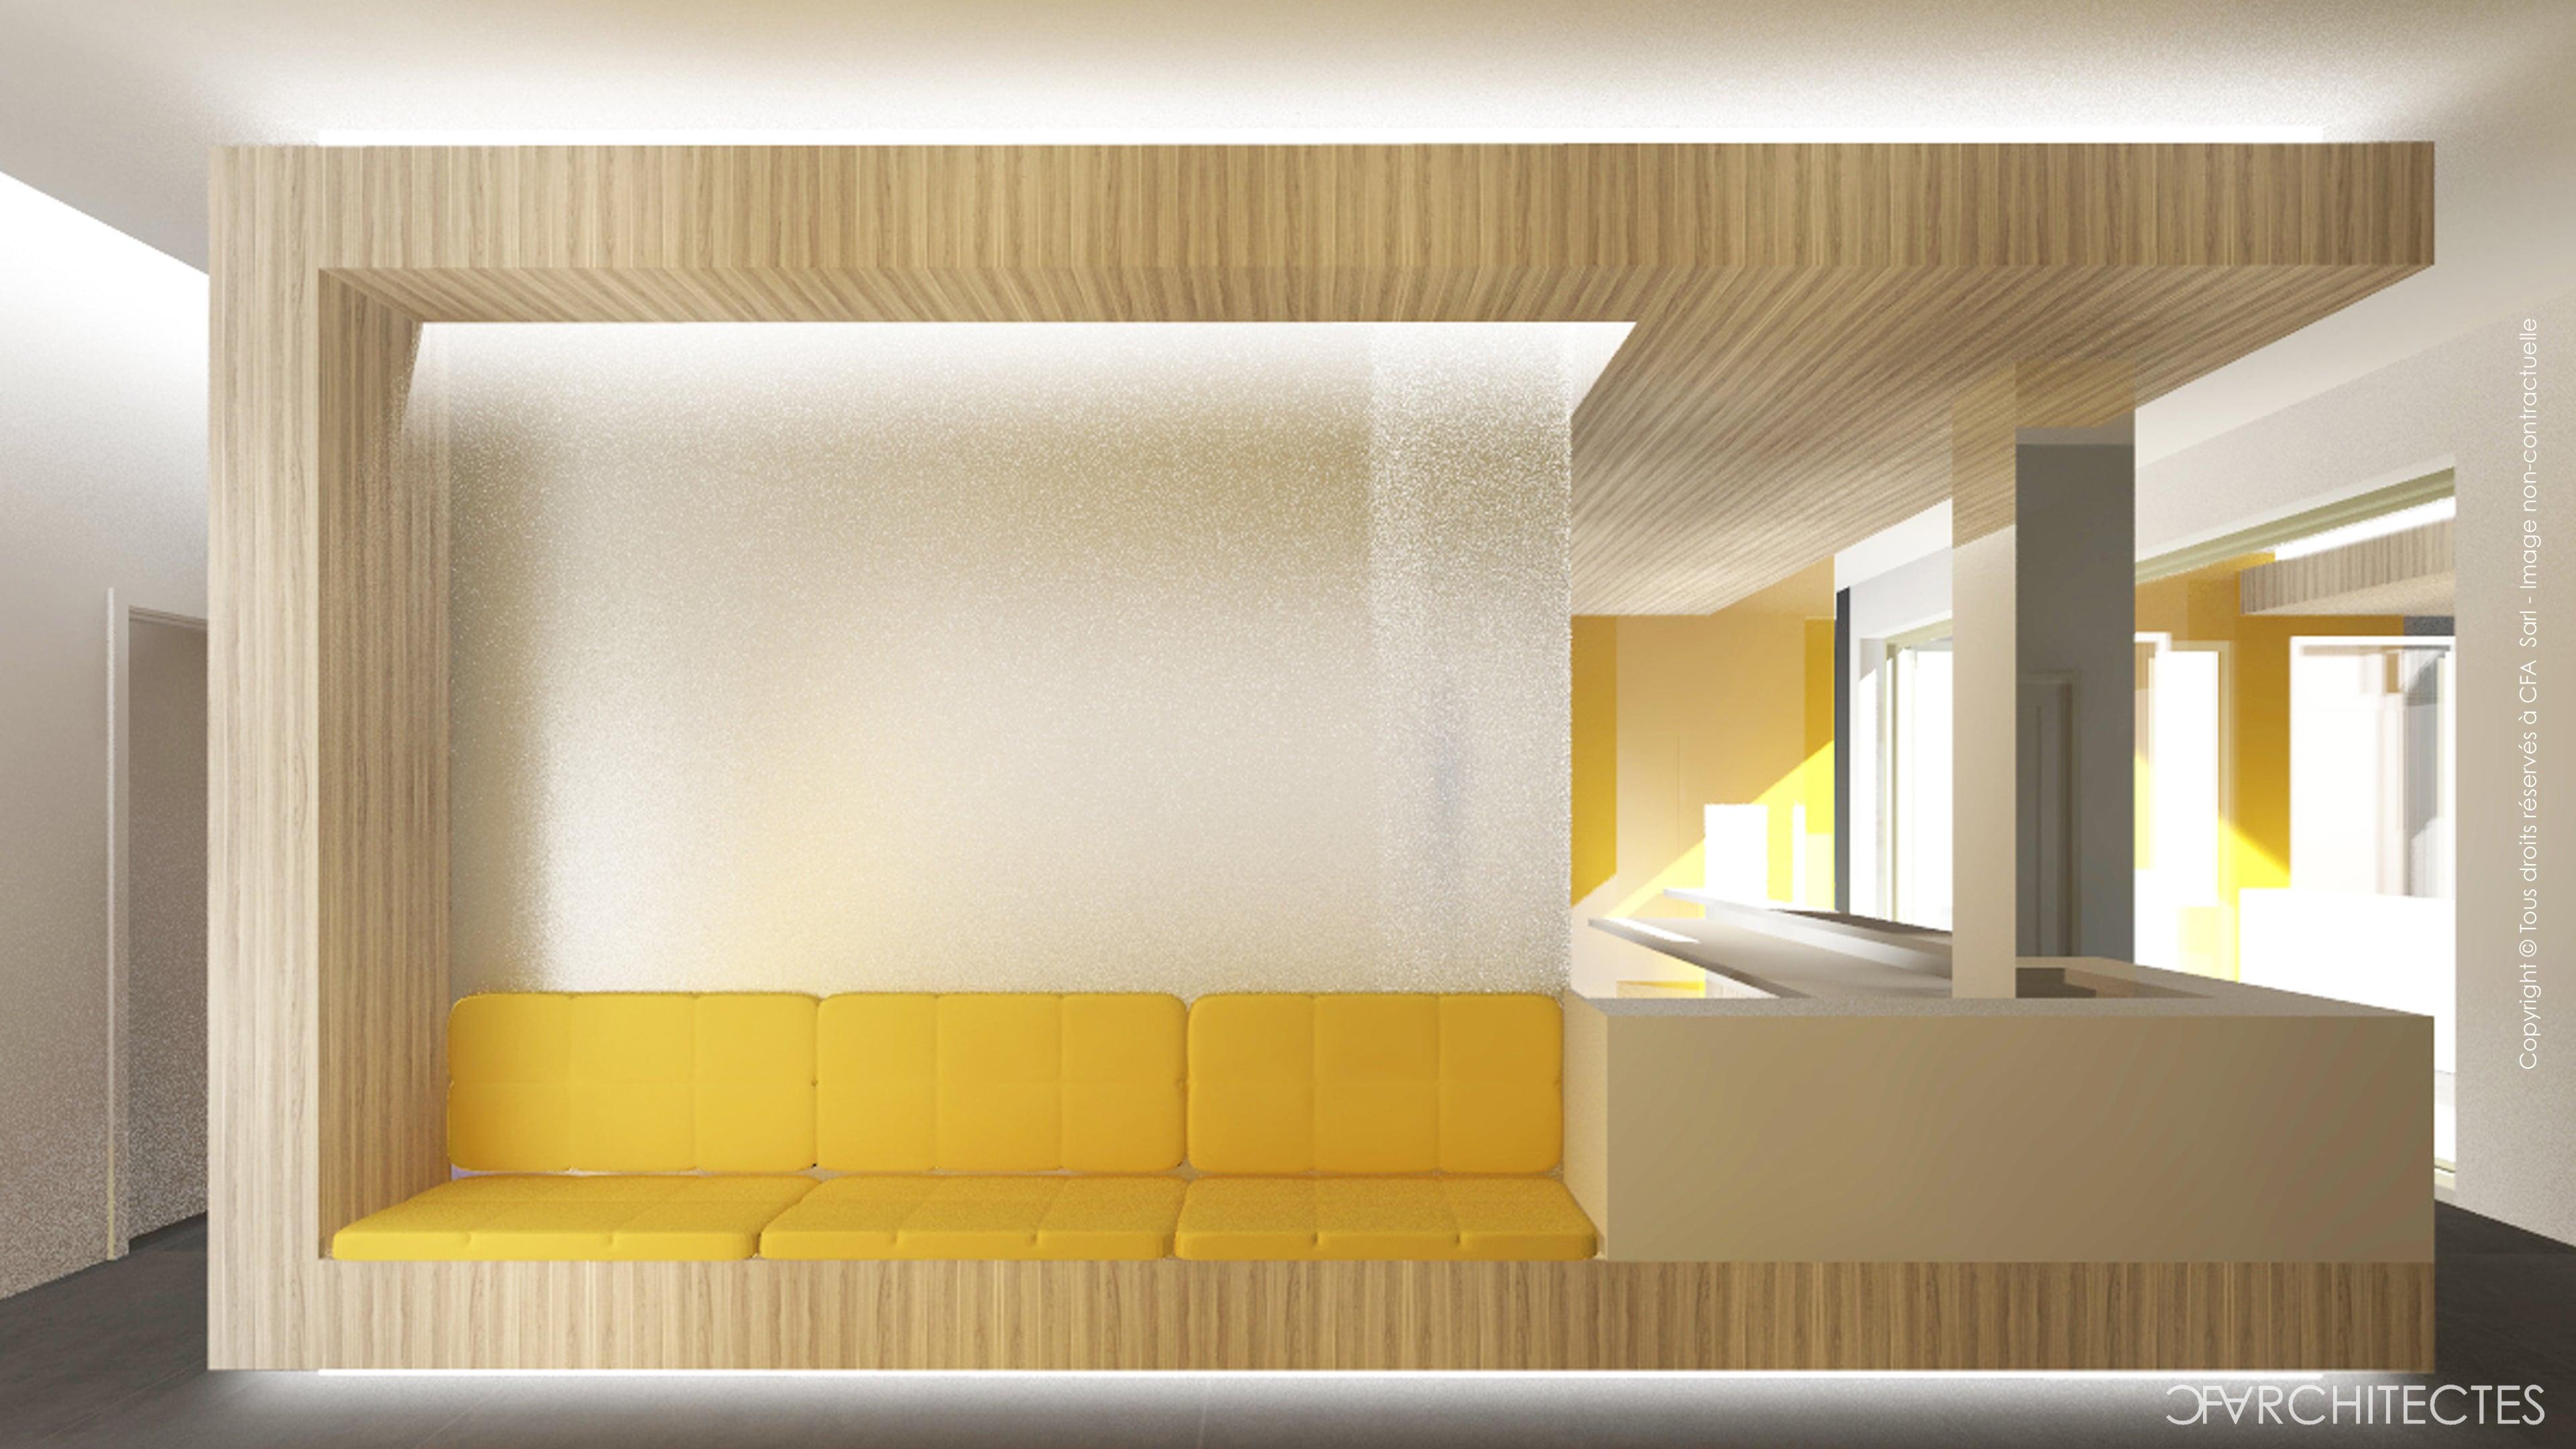 106-MORL-CFArchitectes-Bureaux-Intérieurs-Cabiunet-Médical-Luxembourg-Architecte-Strassen-01